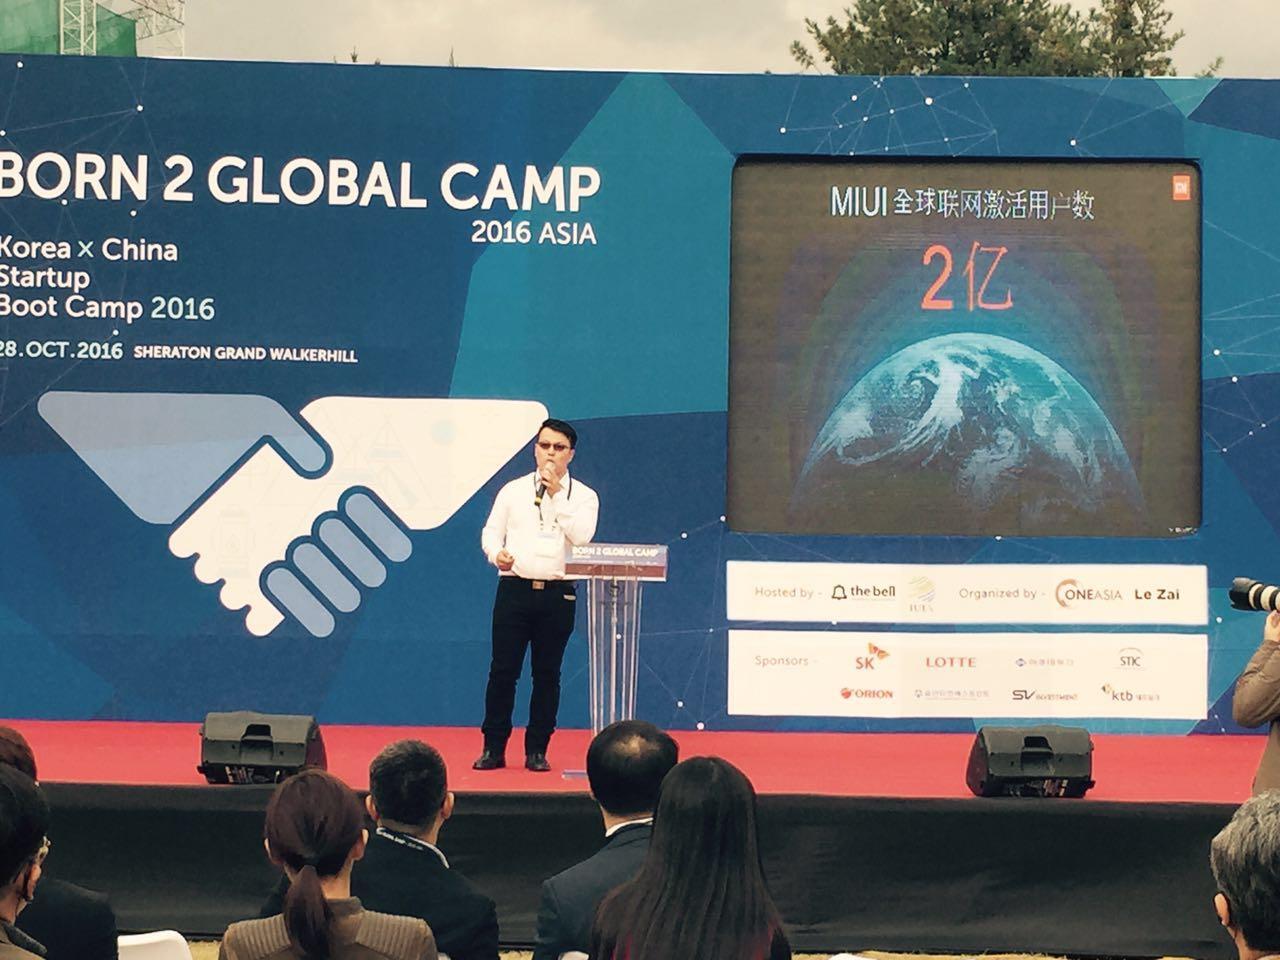 中韩创投和创业者把手言欢,齐推创业品质升级